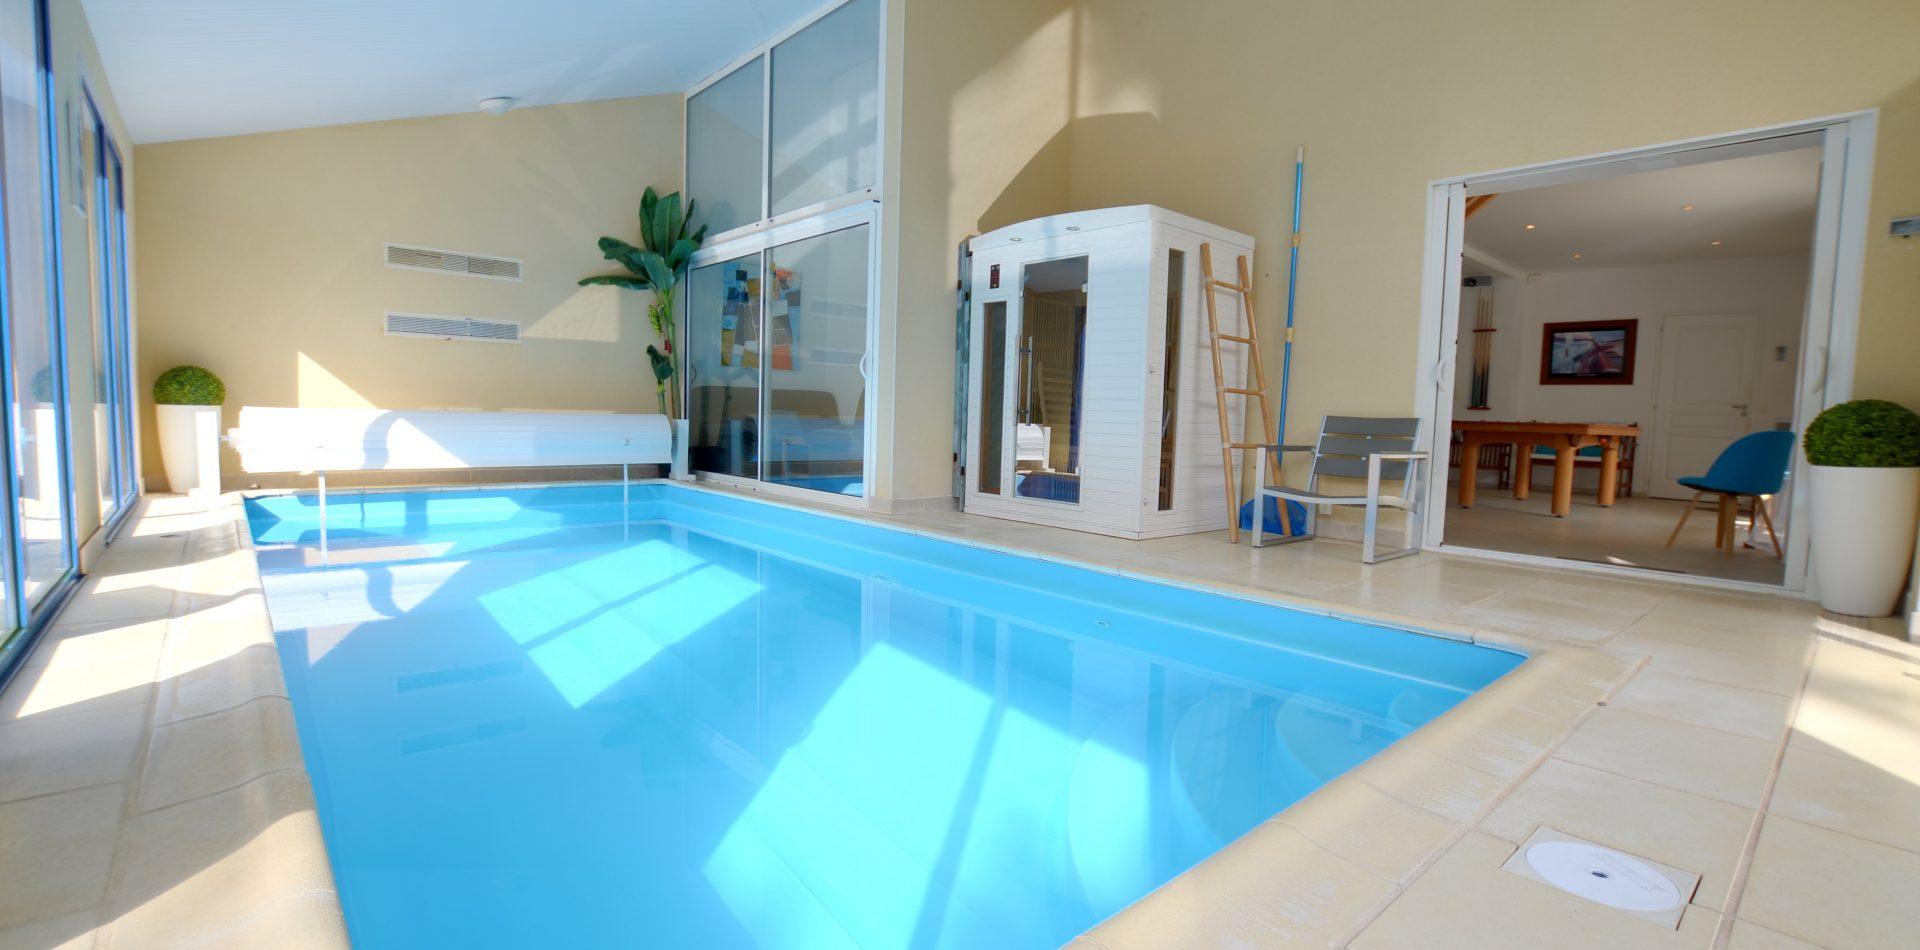 Villa Eden – Maison De Vacances***** En Vendée Avec Piscine ... dedans Location Avec Piscine Intérieure Chauffée Privée